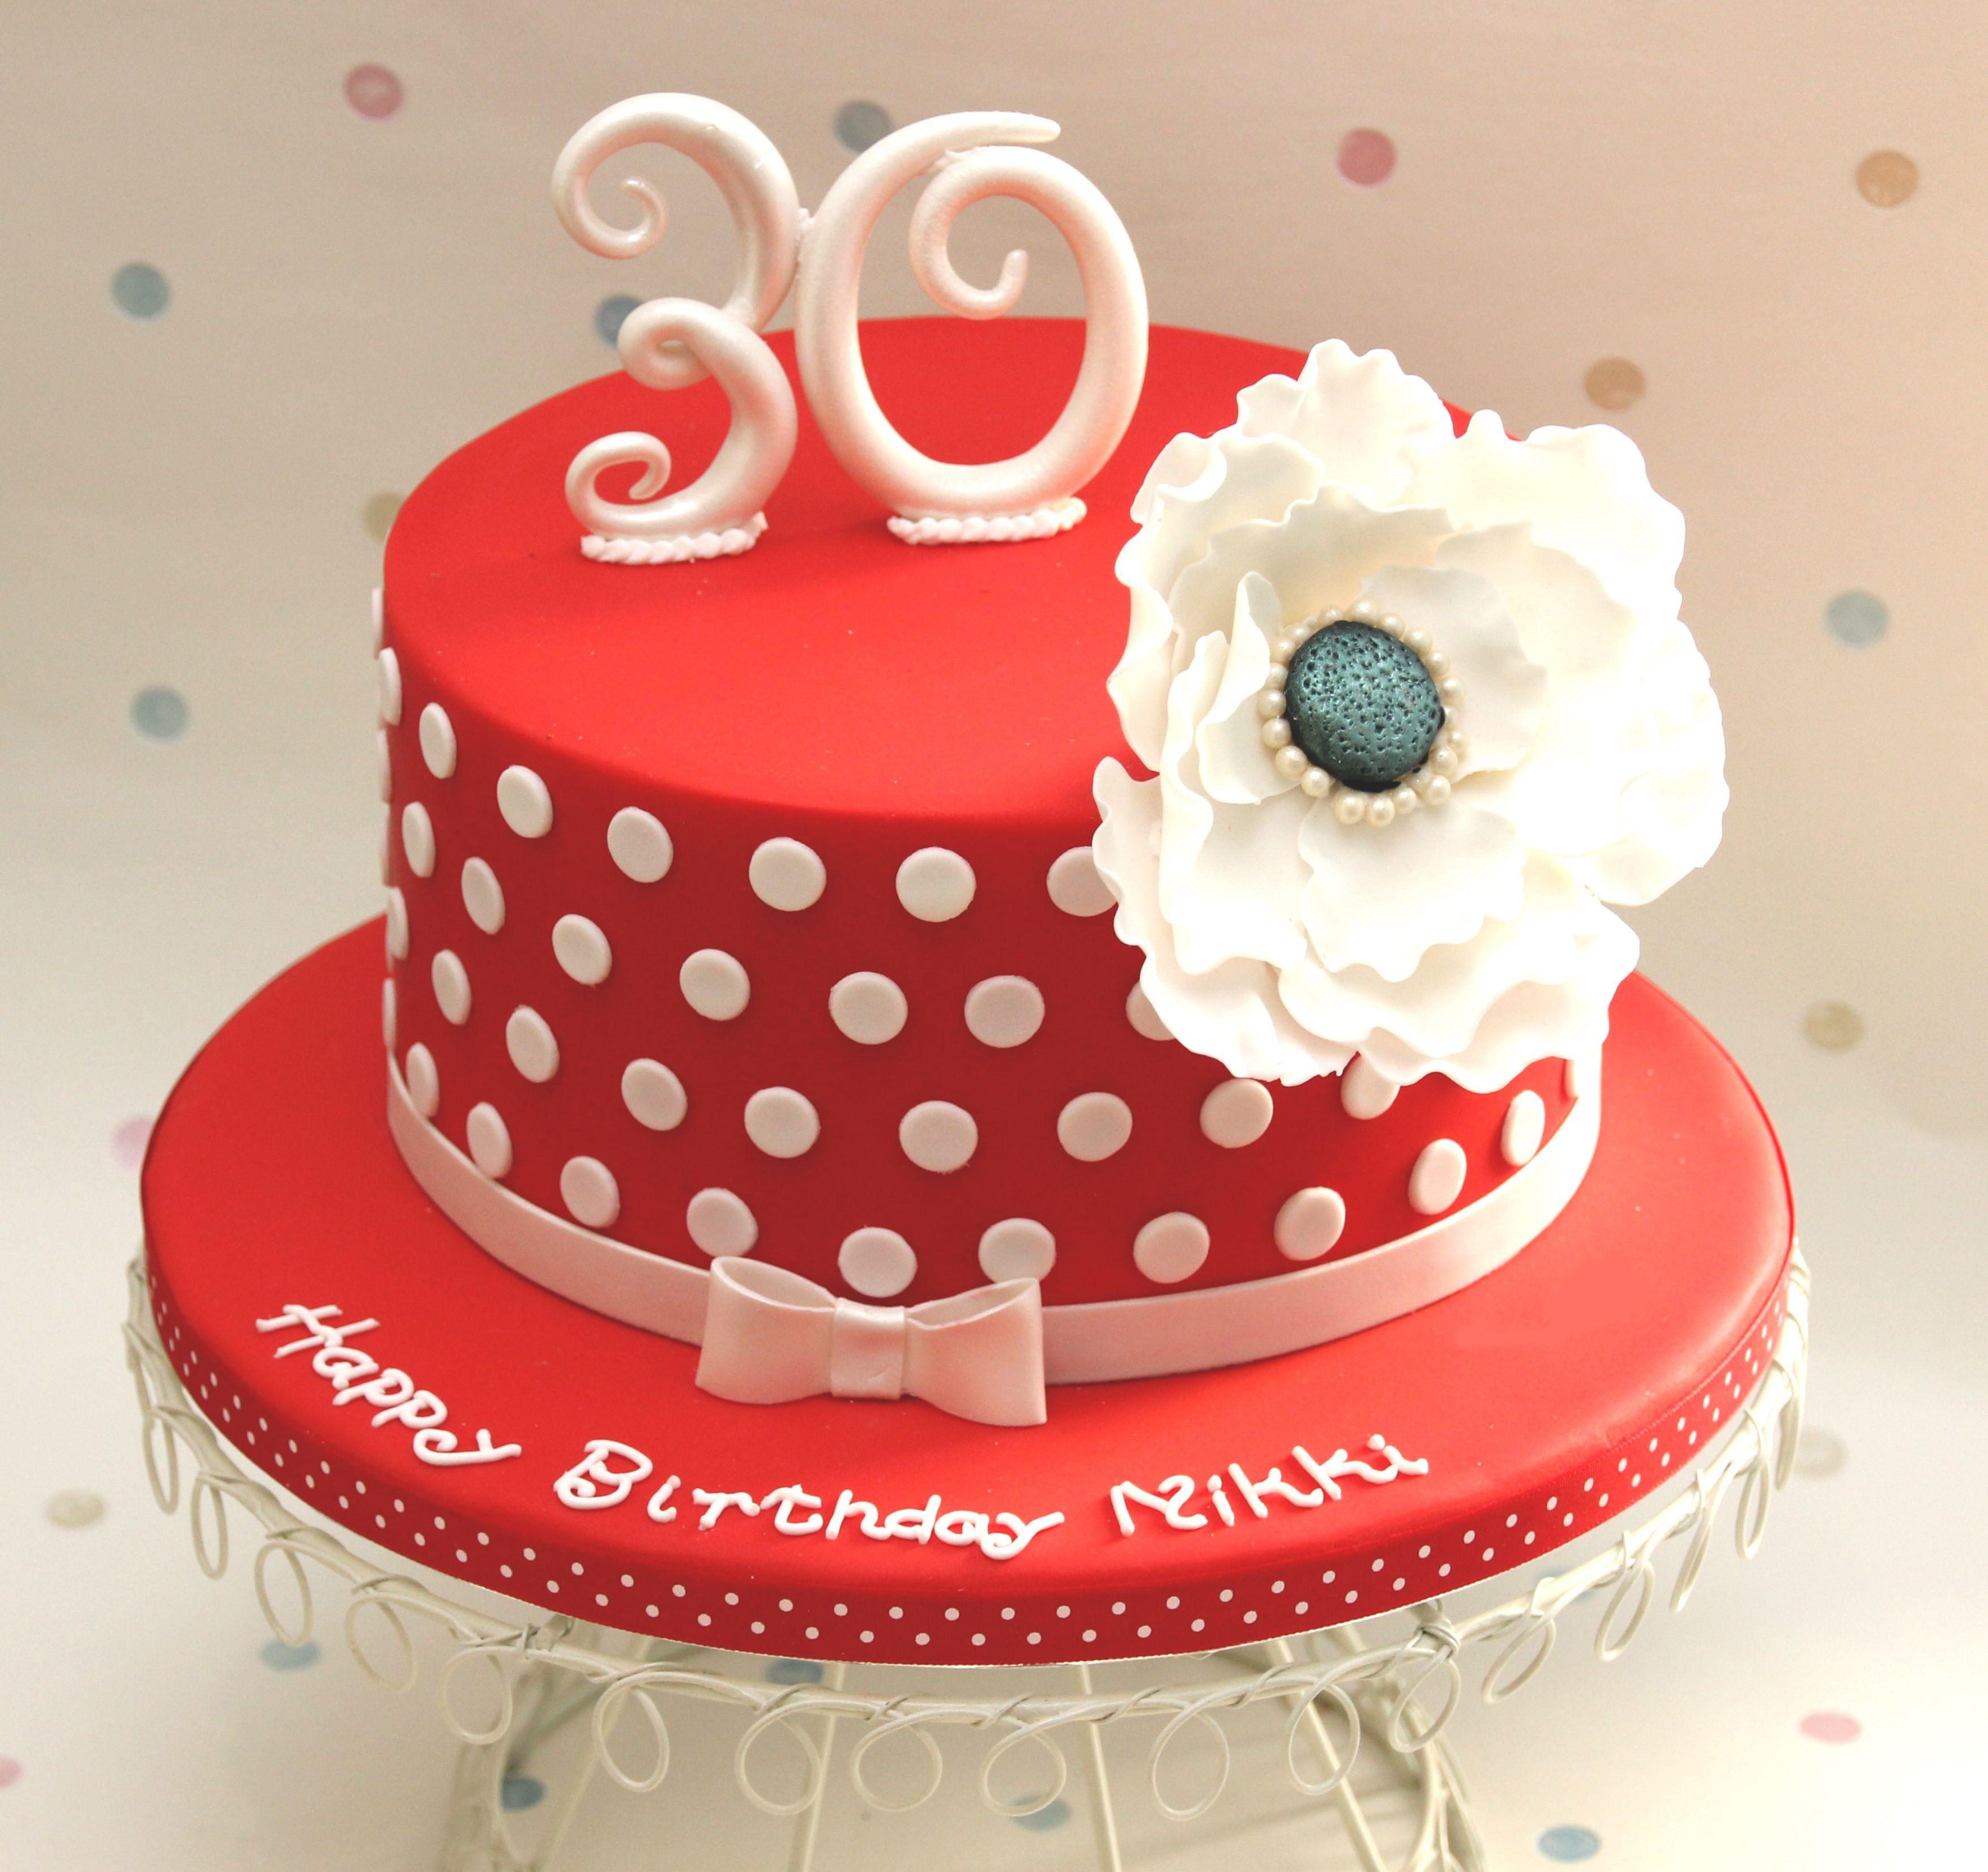 Tak njak by mohl vypadat narozeninov dort Msto 30 bude 1 myka